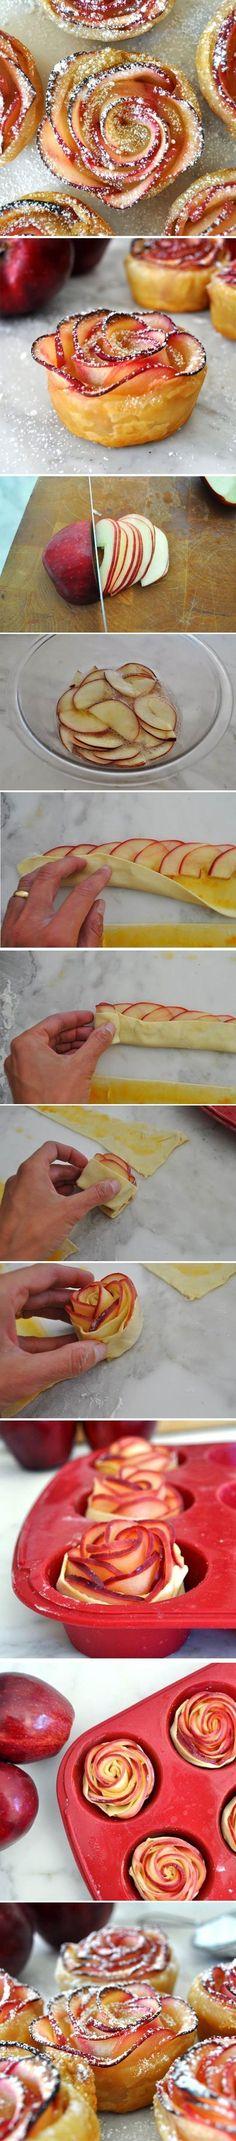 Cómo hacer una rosa de manzana y hojaldre: es más fácil de lo que crees